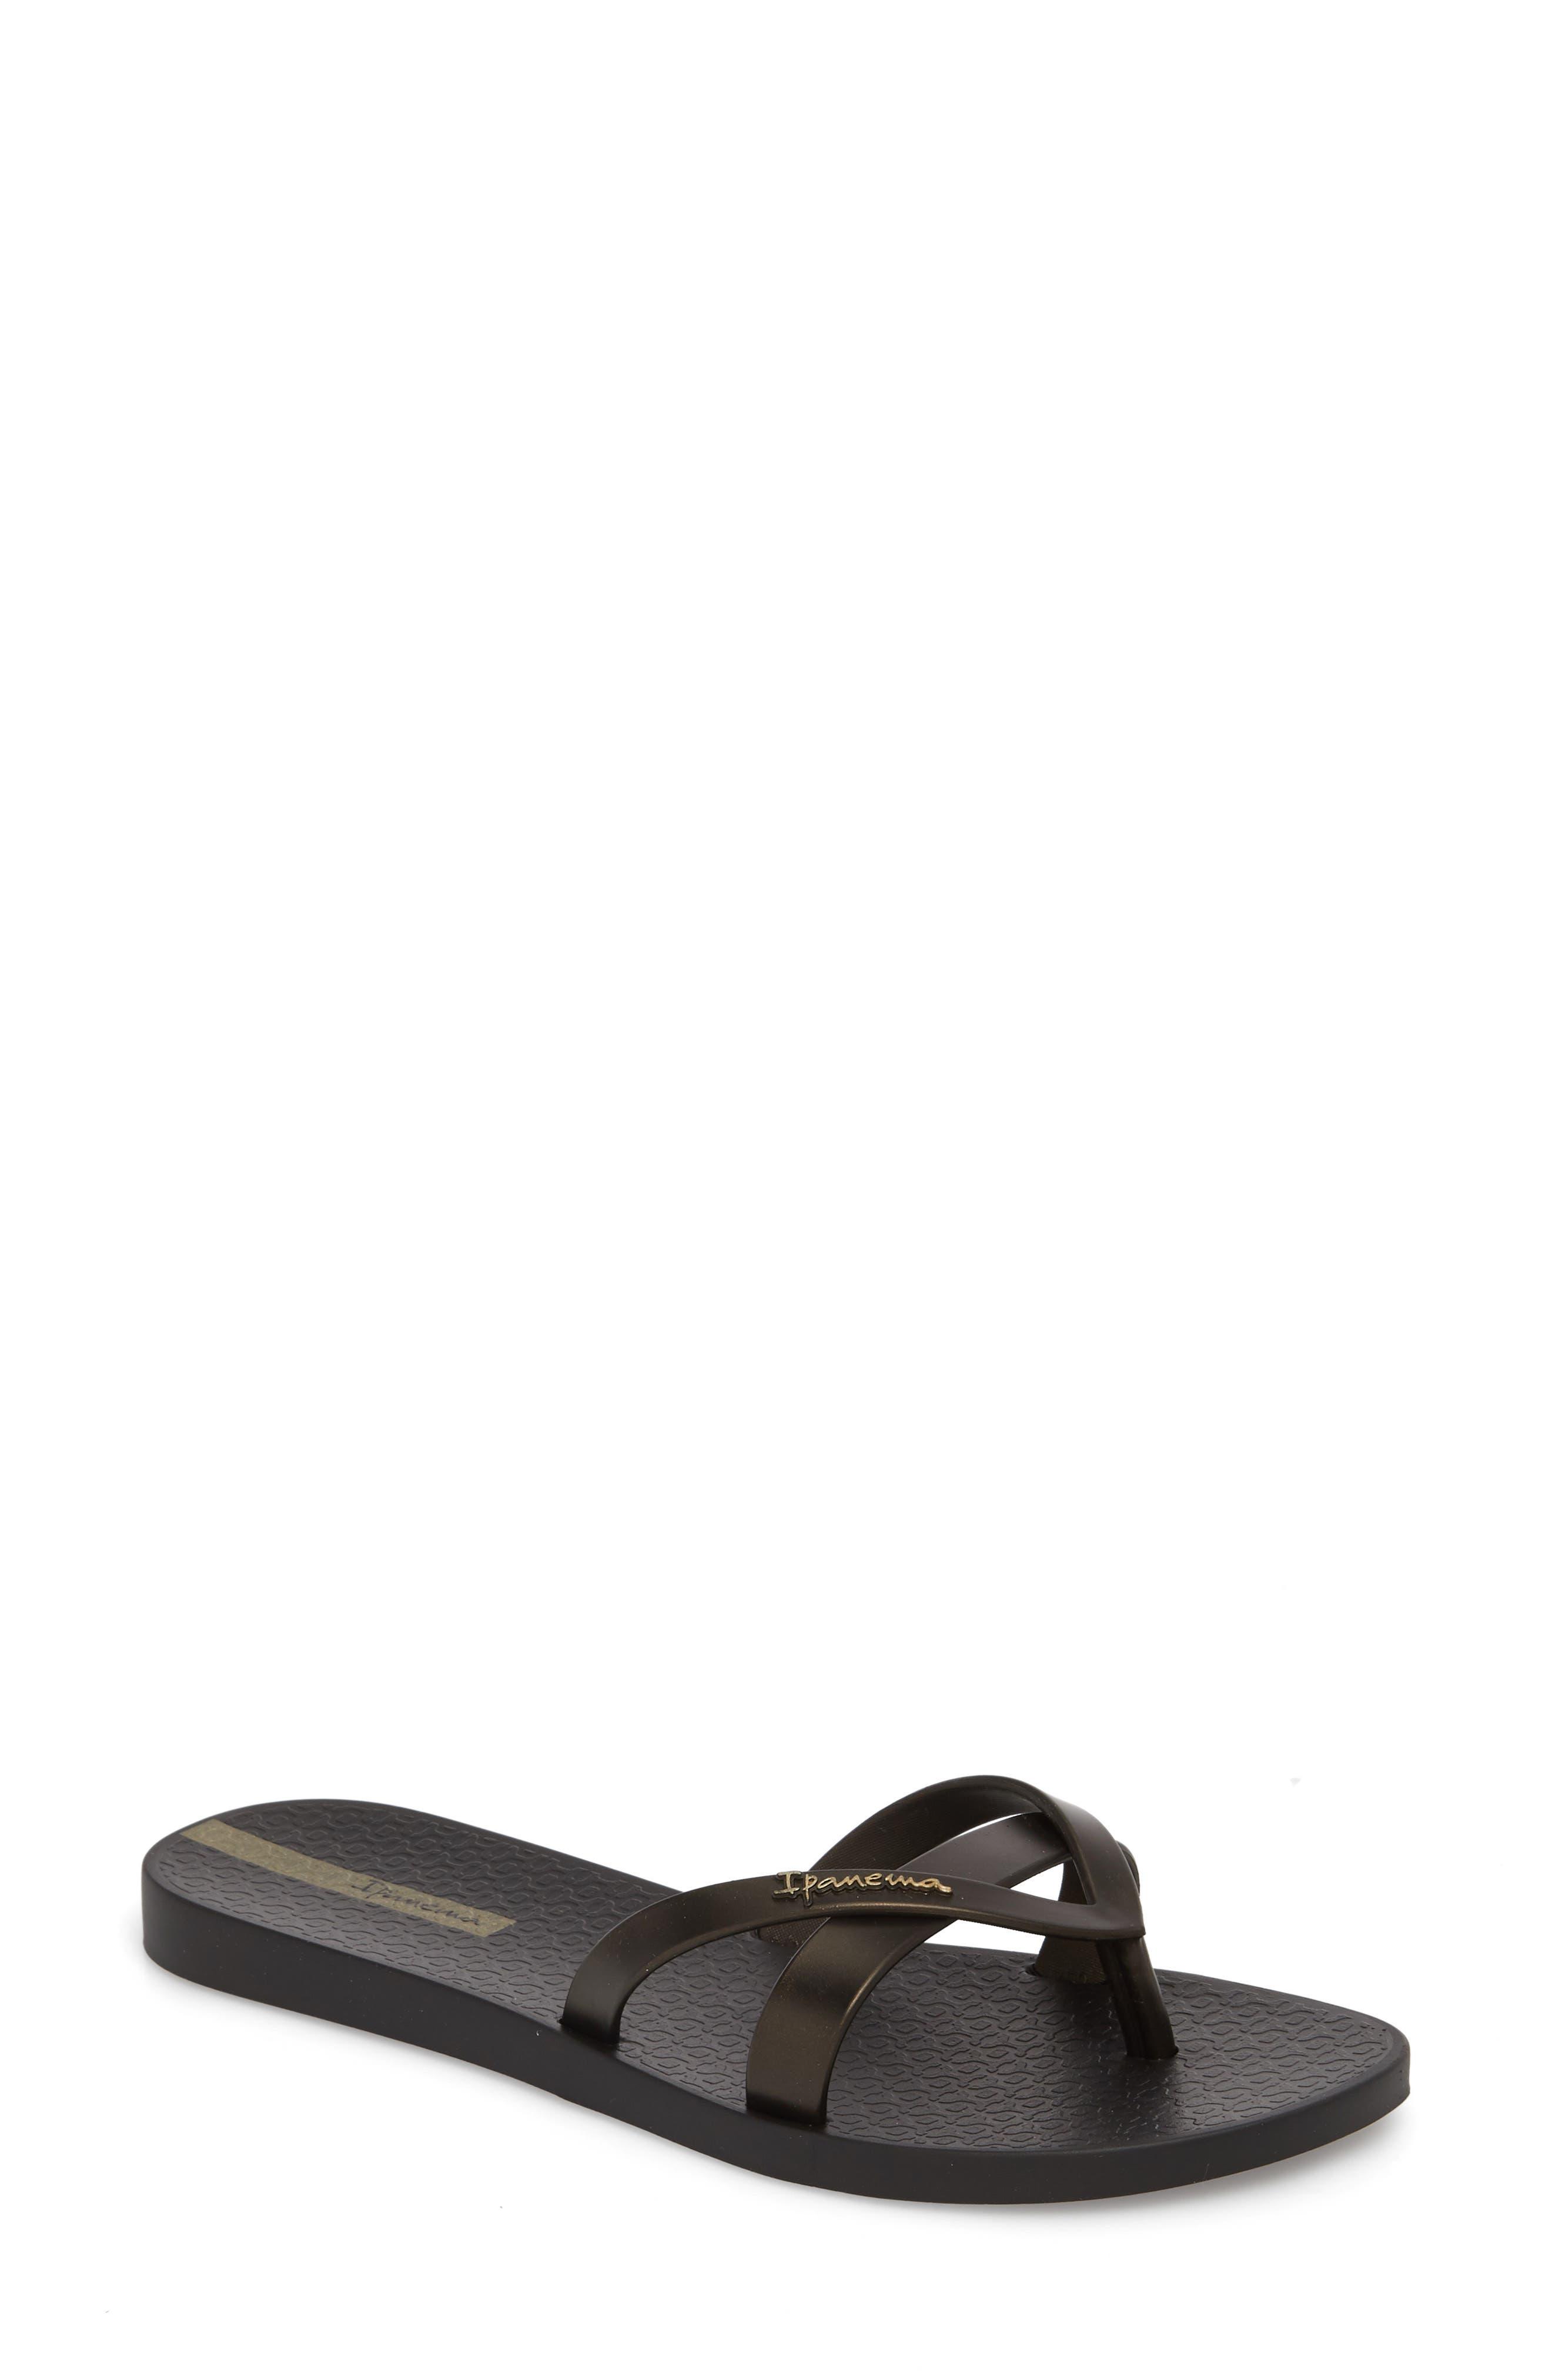 'Kirei Silk' Flip Flop,                         Main,                         color, Gold/ Black